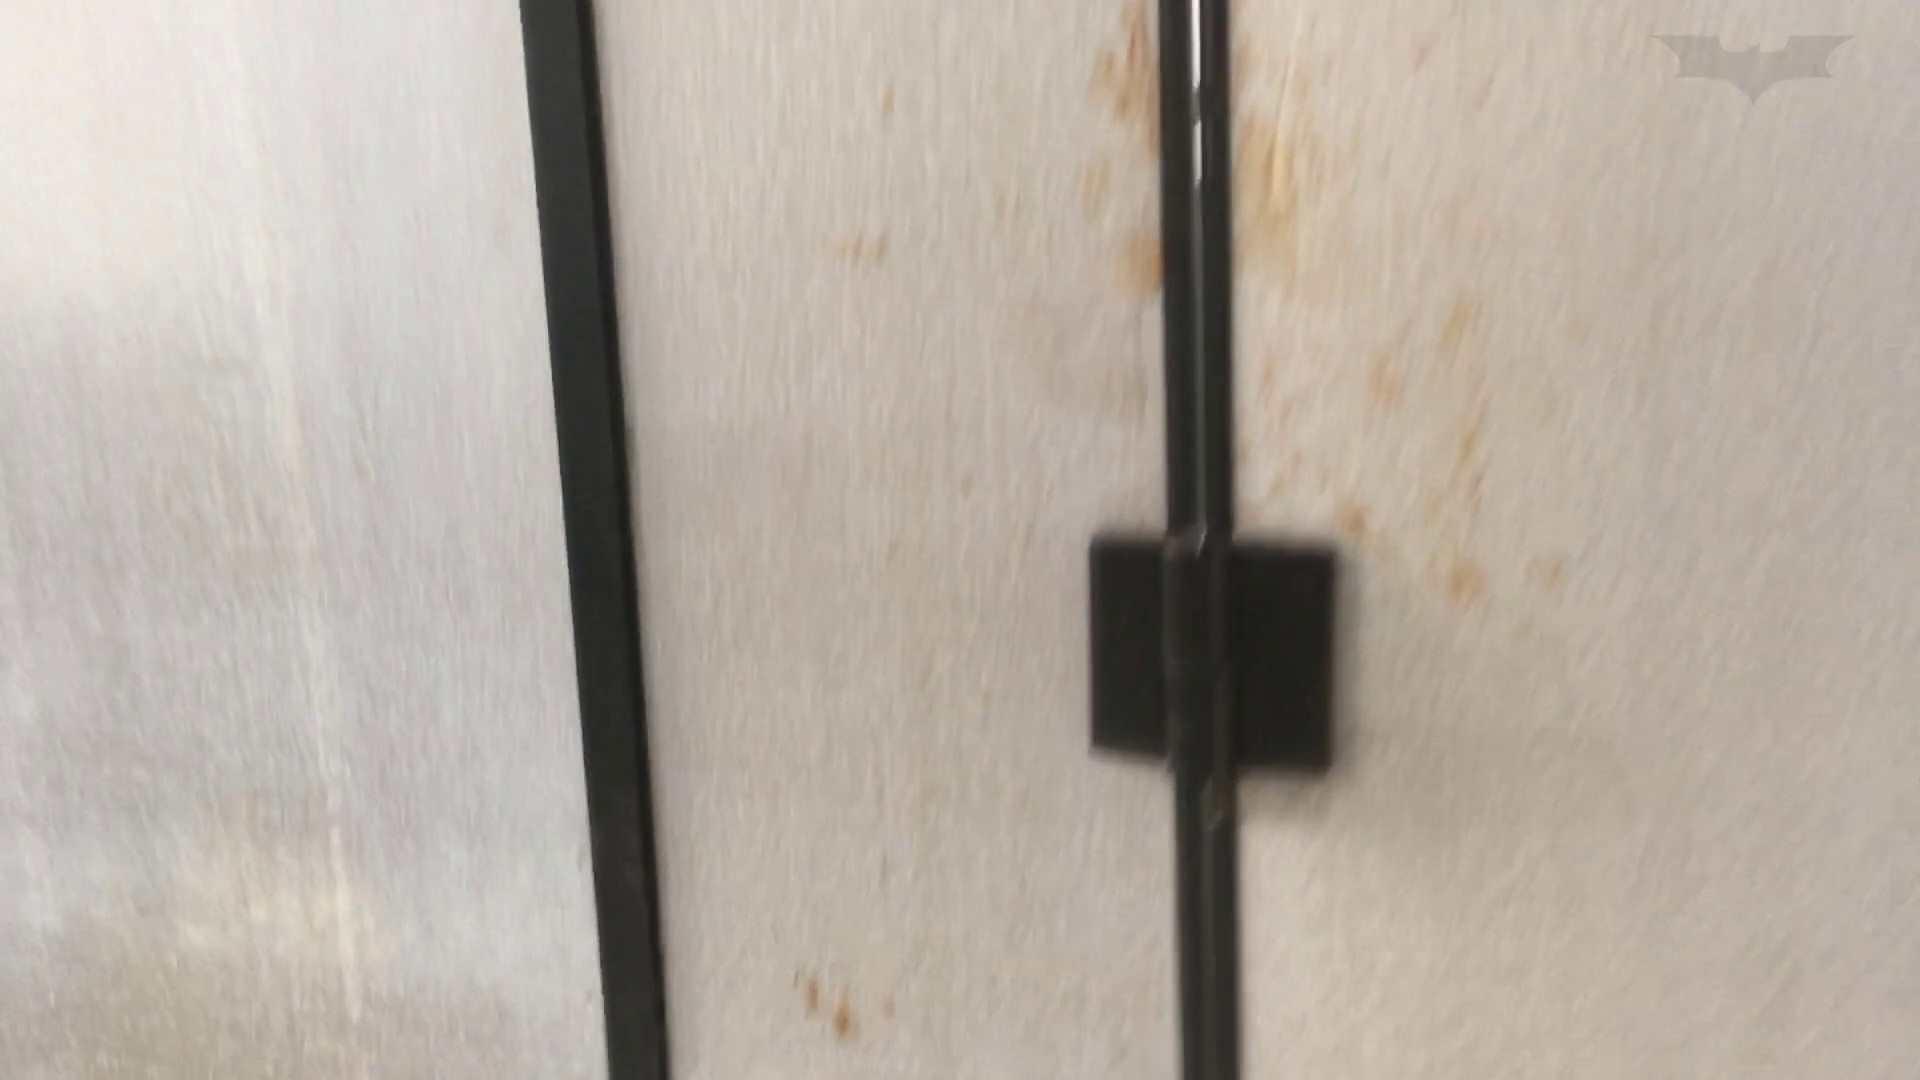 芸術大学ガチ潜入盗撮 JD盗撮 美女の洗面所の秘密 Vol.90 洗面所着替え | 盗撮エロすぎ  44連発 35